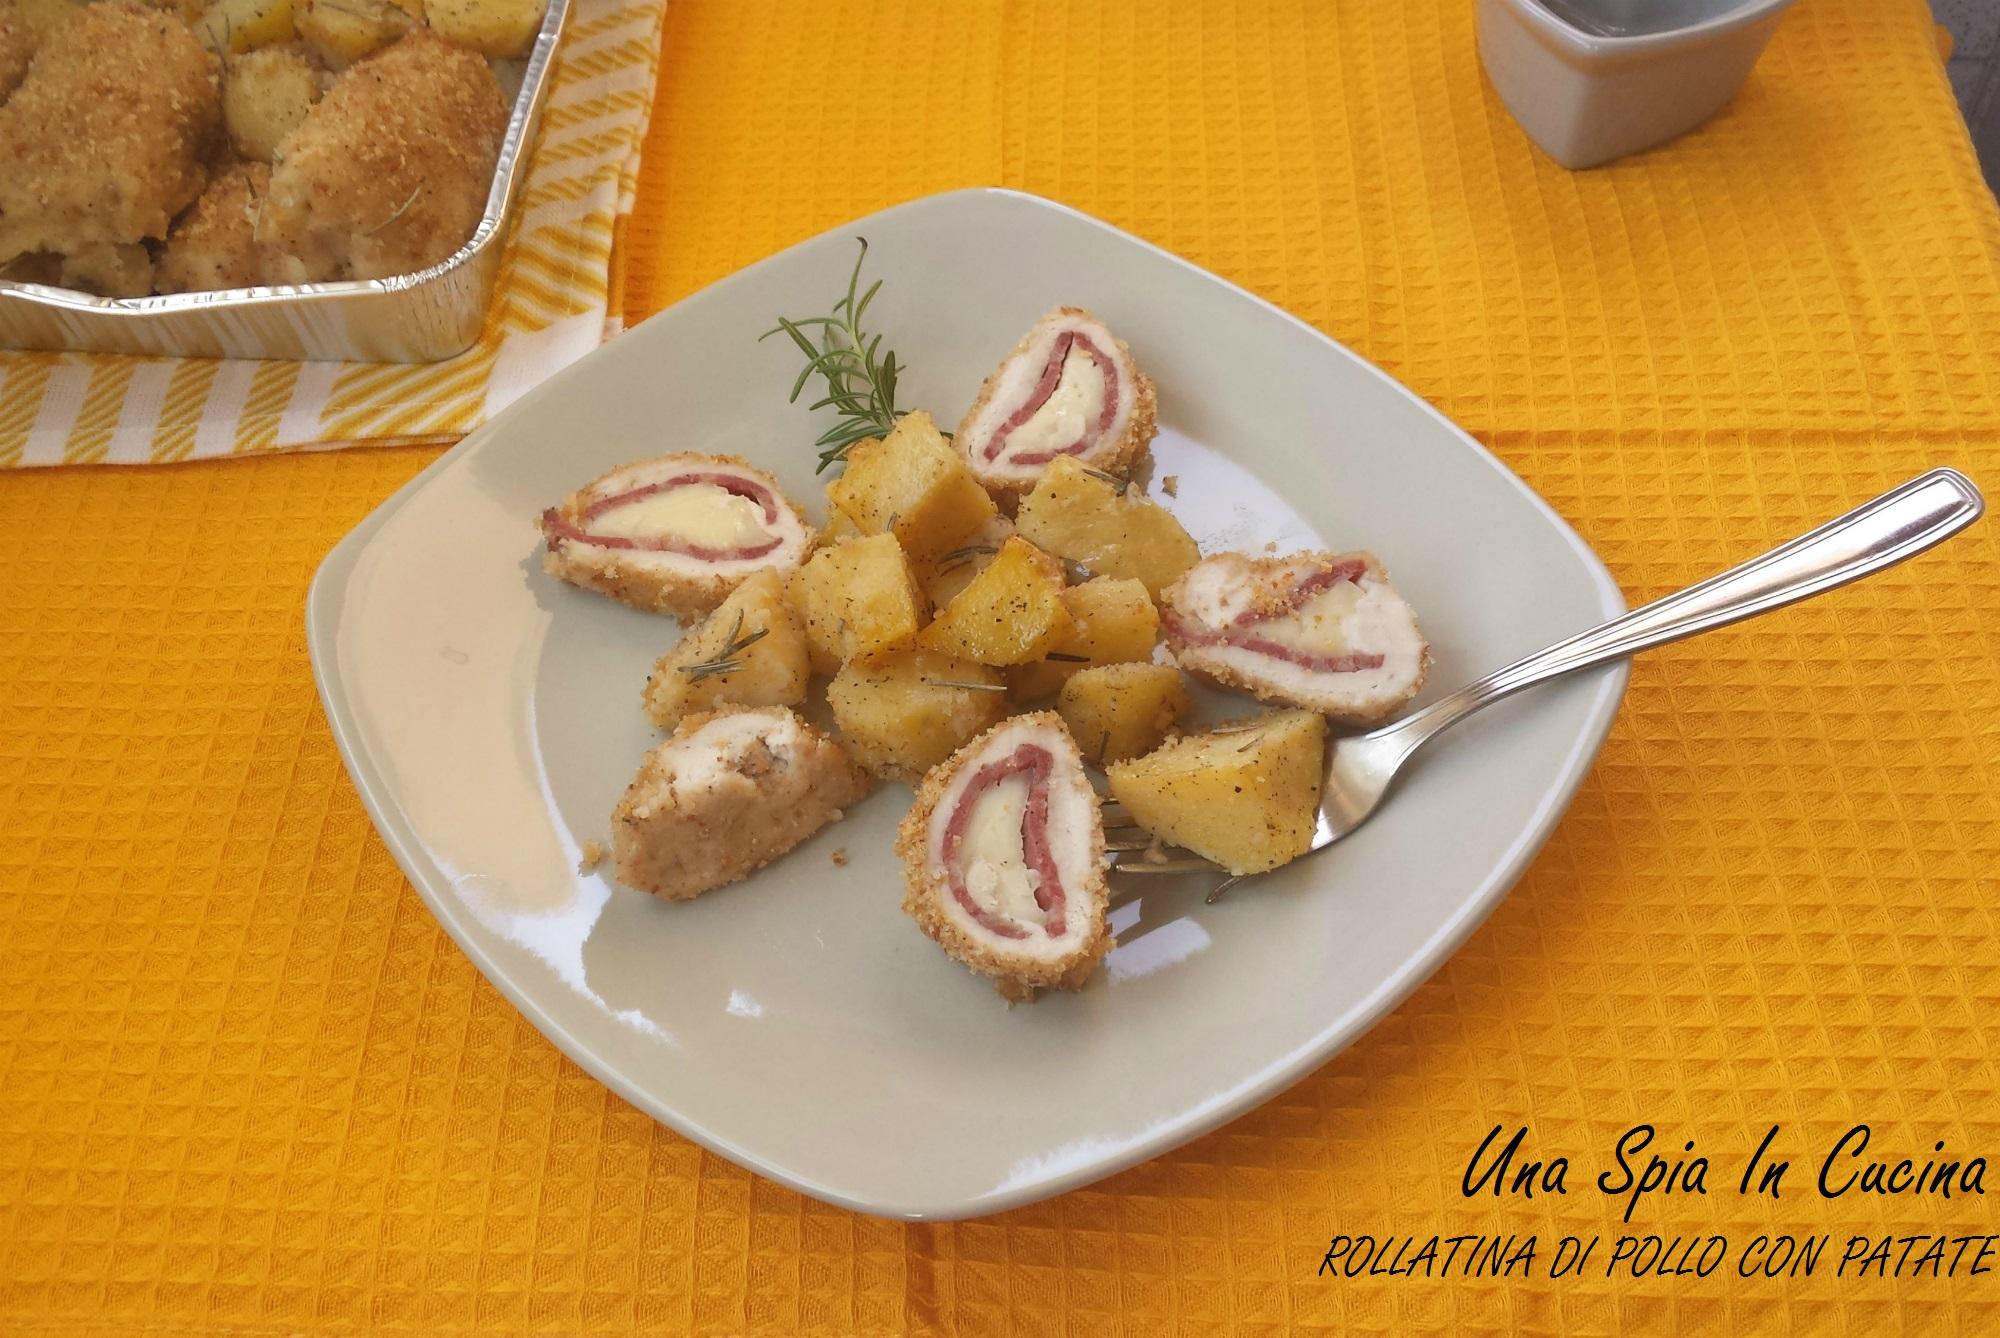 Rollatina di pollo al forno con patate